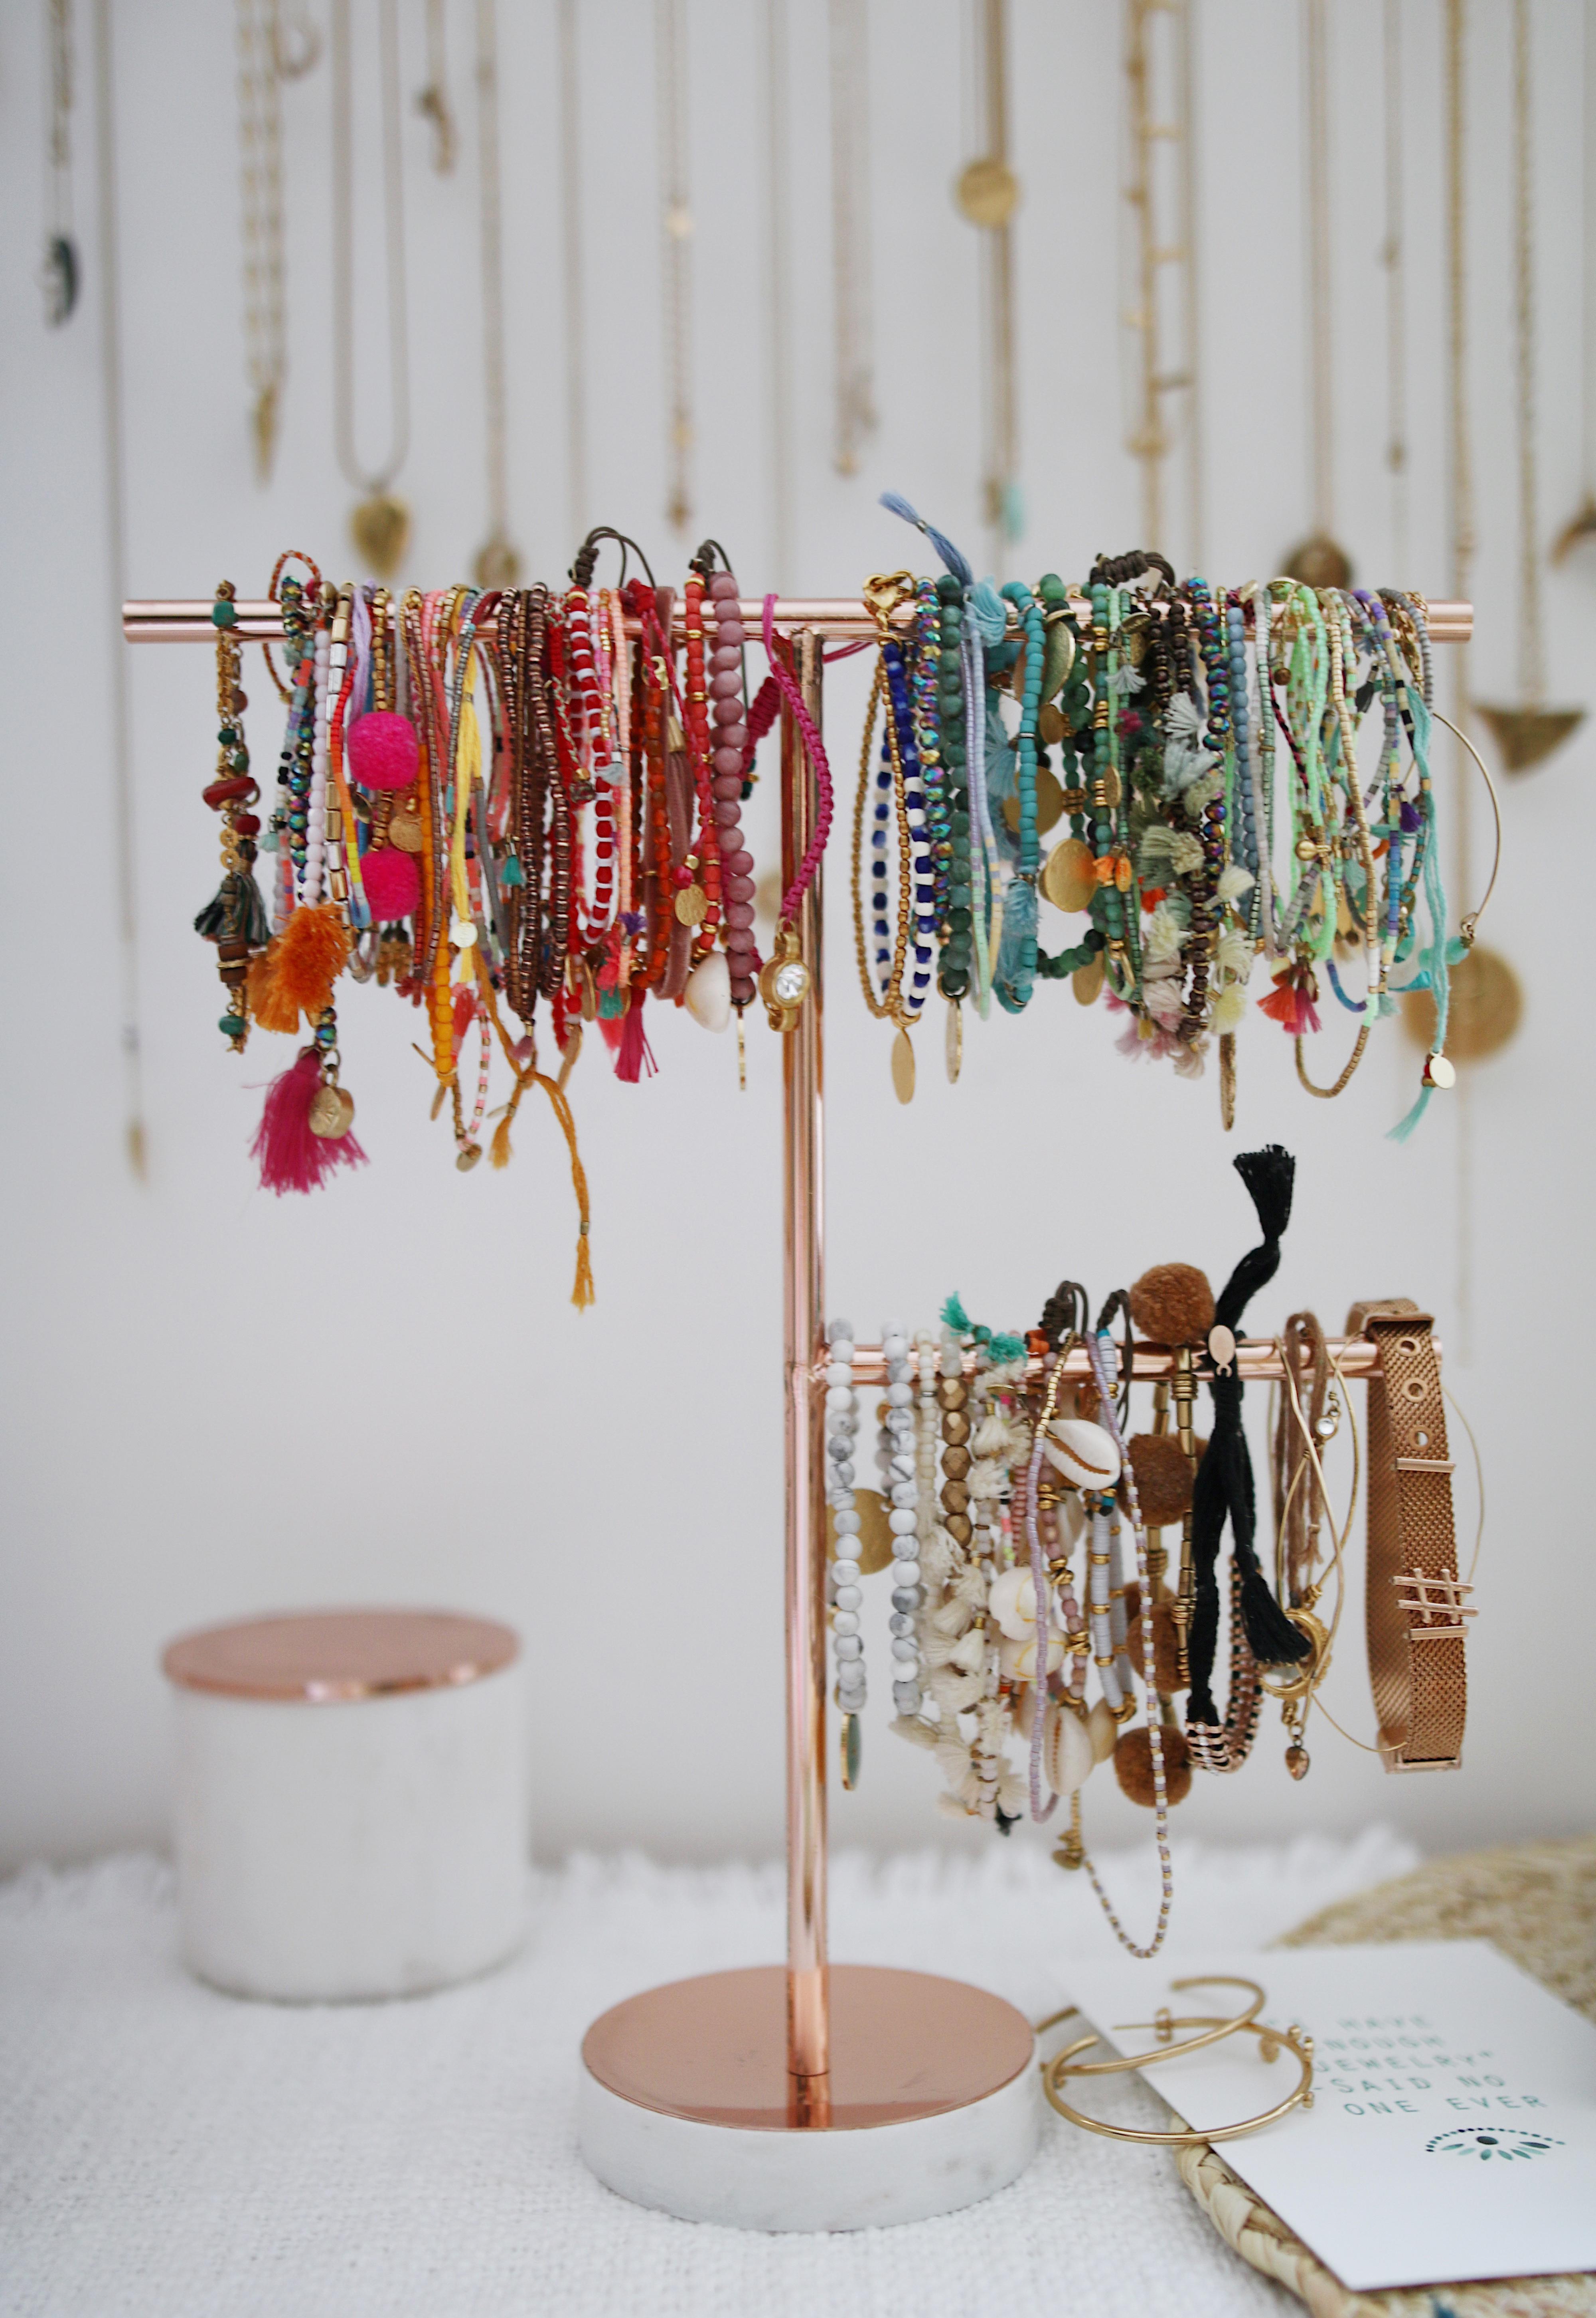 Chon & CHON - www.chonandchon.com - boite à bijoux, rangement bijoux, porte bijoux,